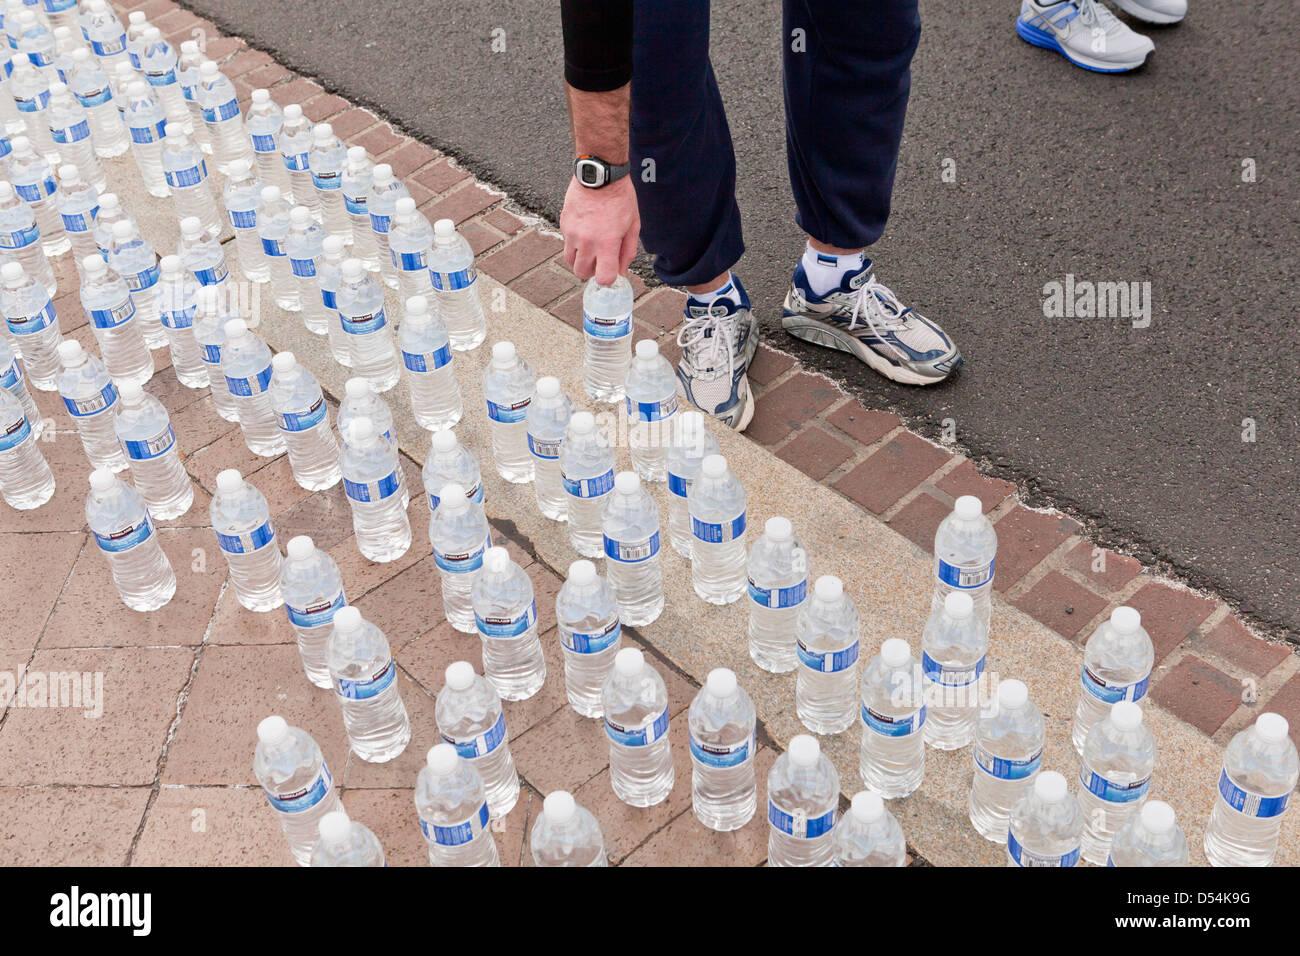 Los corredores de recoger agua embotellada después de la carrera Imagen De Stock